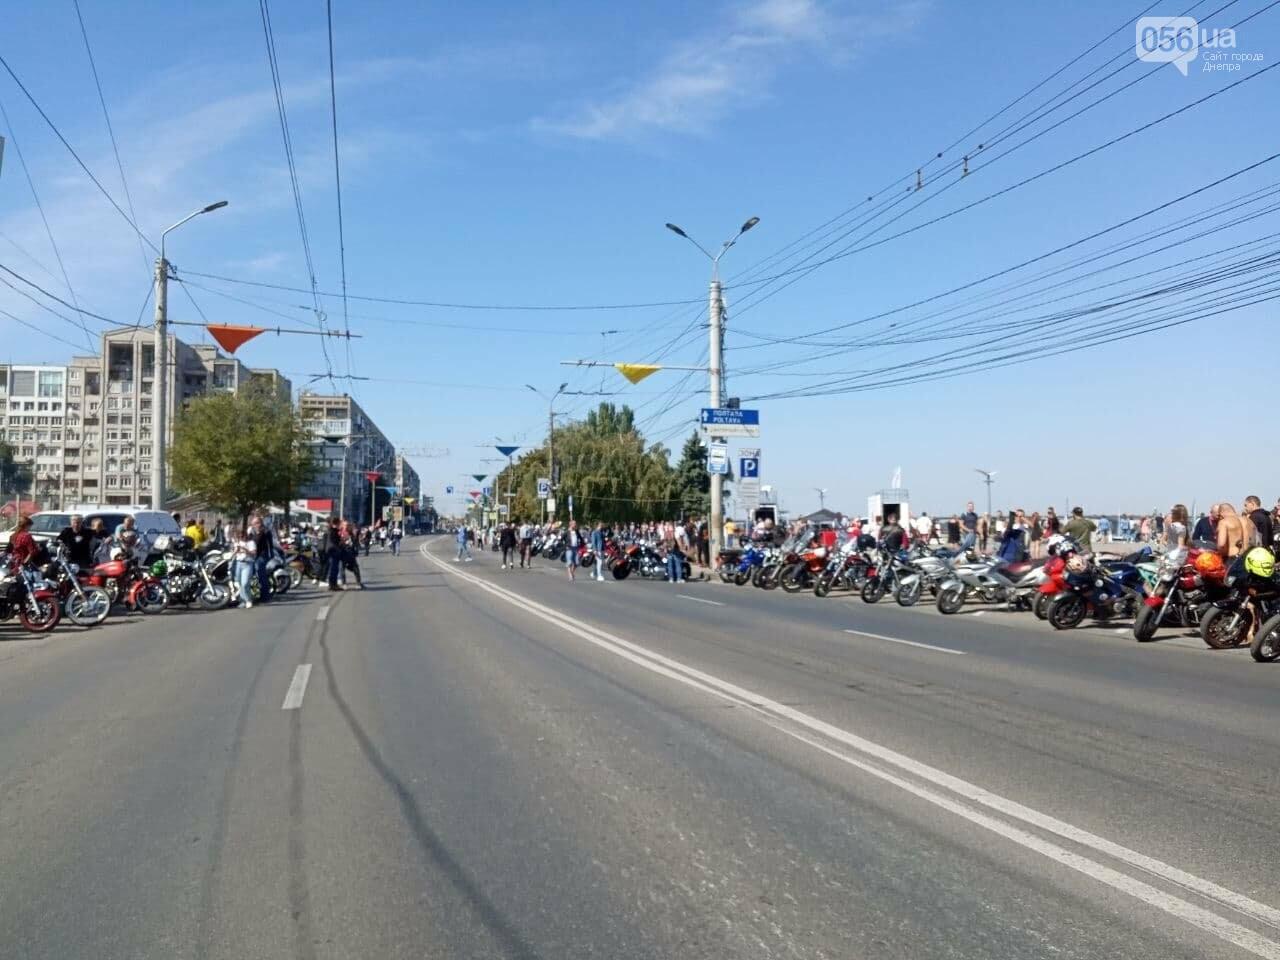 В Днепре байкеры сезон закрыли, но мотоциклы в гараж не поставили, - ФОТО, ВИДЕО, фото-4